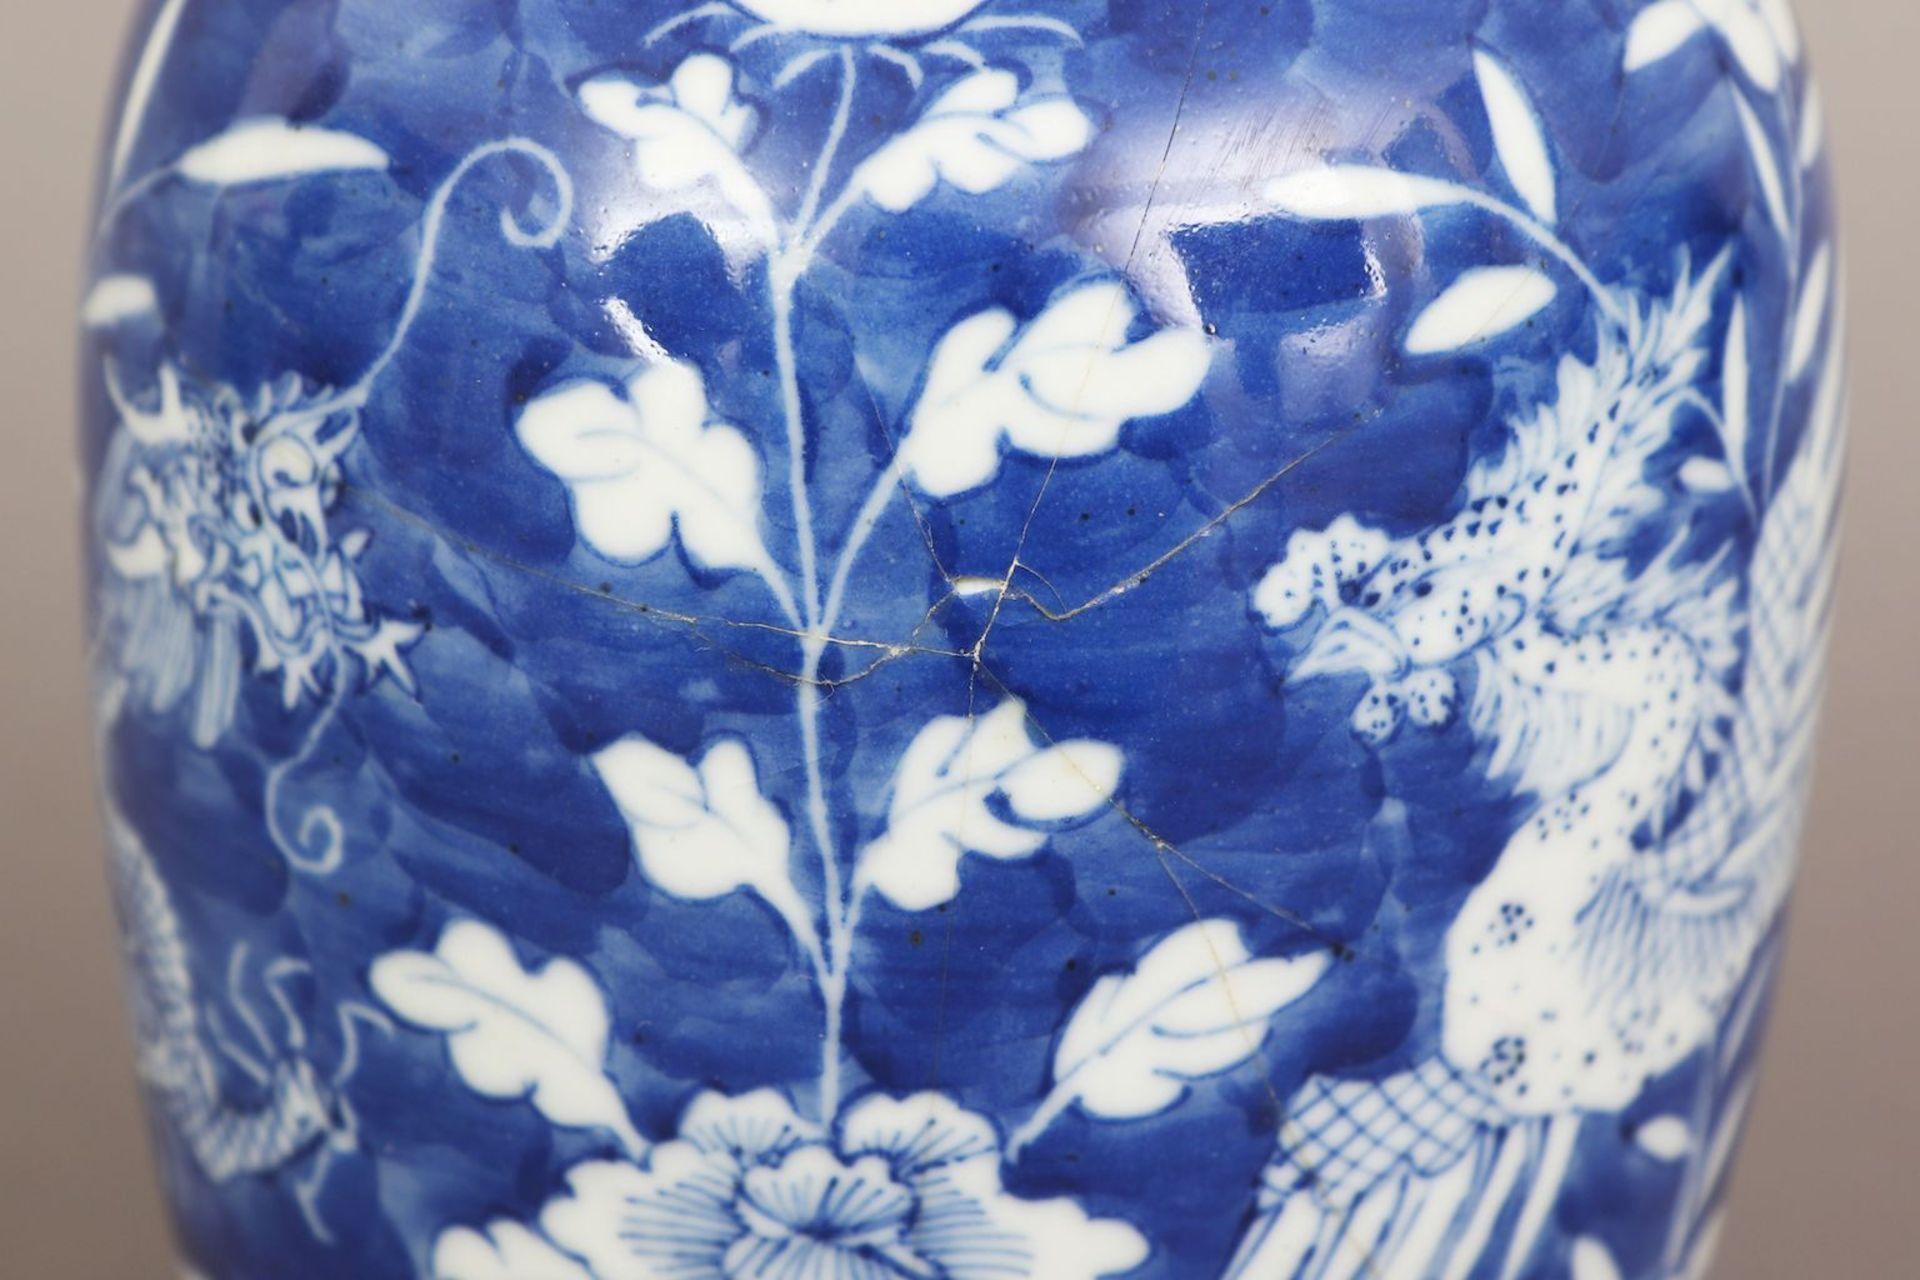 Chinesiches Deckelgefäß mit Blaumalerei ¨Drache und Phönix¨ - Image 4 of 4